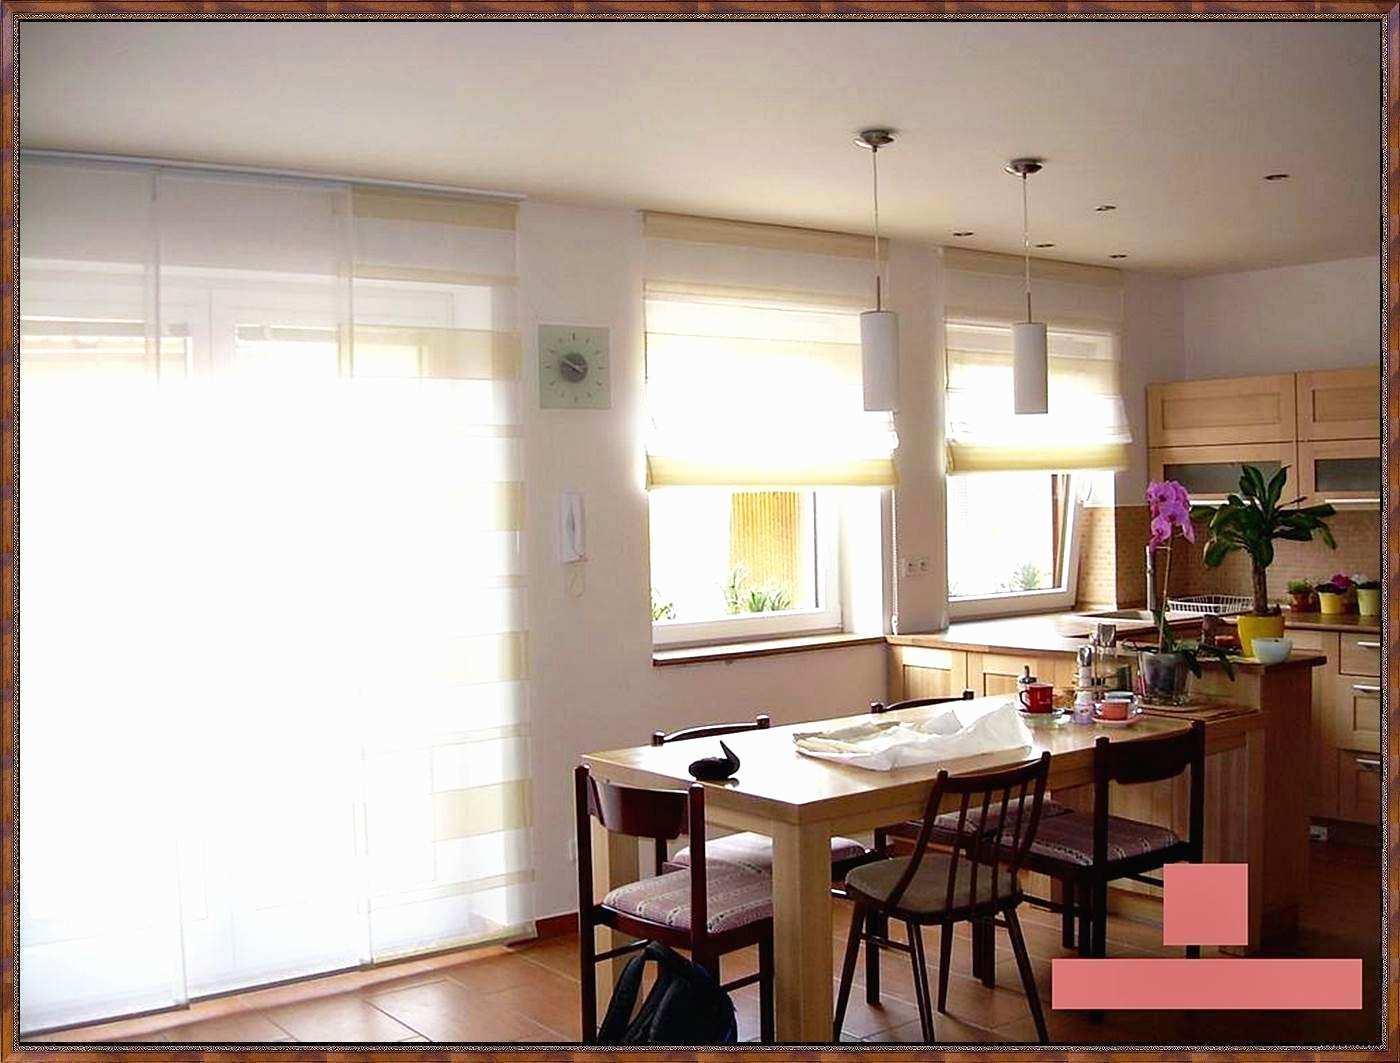 Full Size of Gardinen Küchenfenster Fenster Kuche Modern Caseconradcom Schlafzimmer Wohnzimmer Scheibengardinen Küche Für Die Wohnzimmer Gardinen Küchenfenster